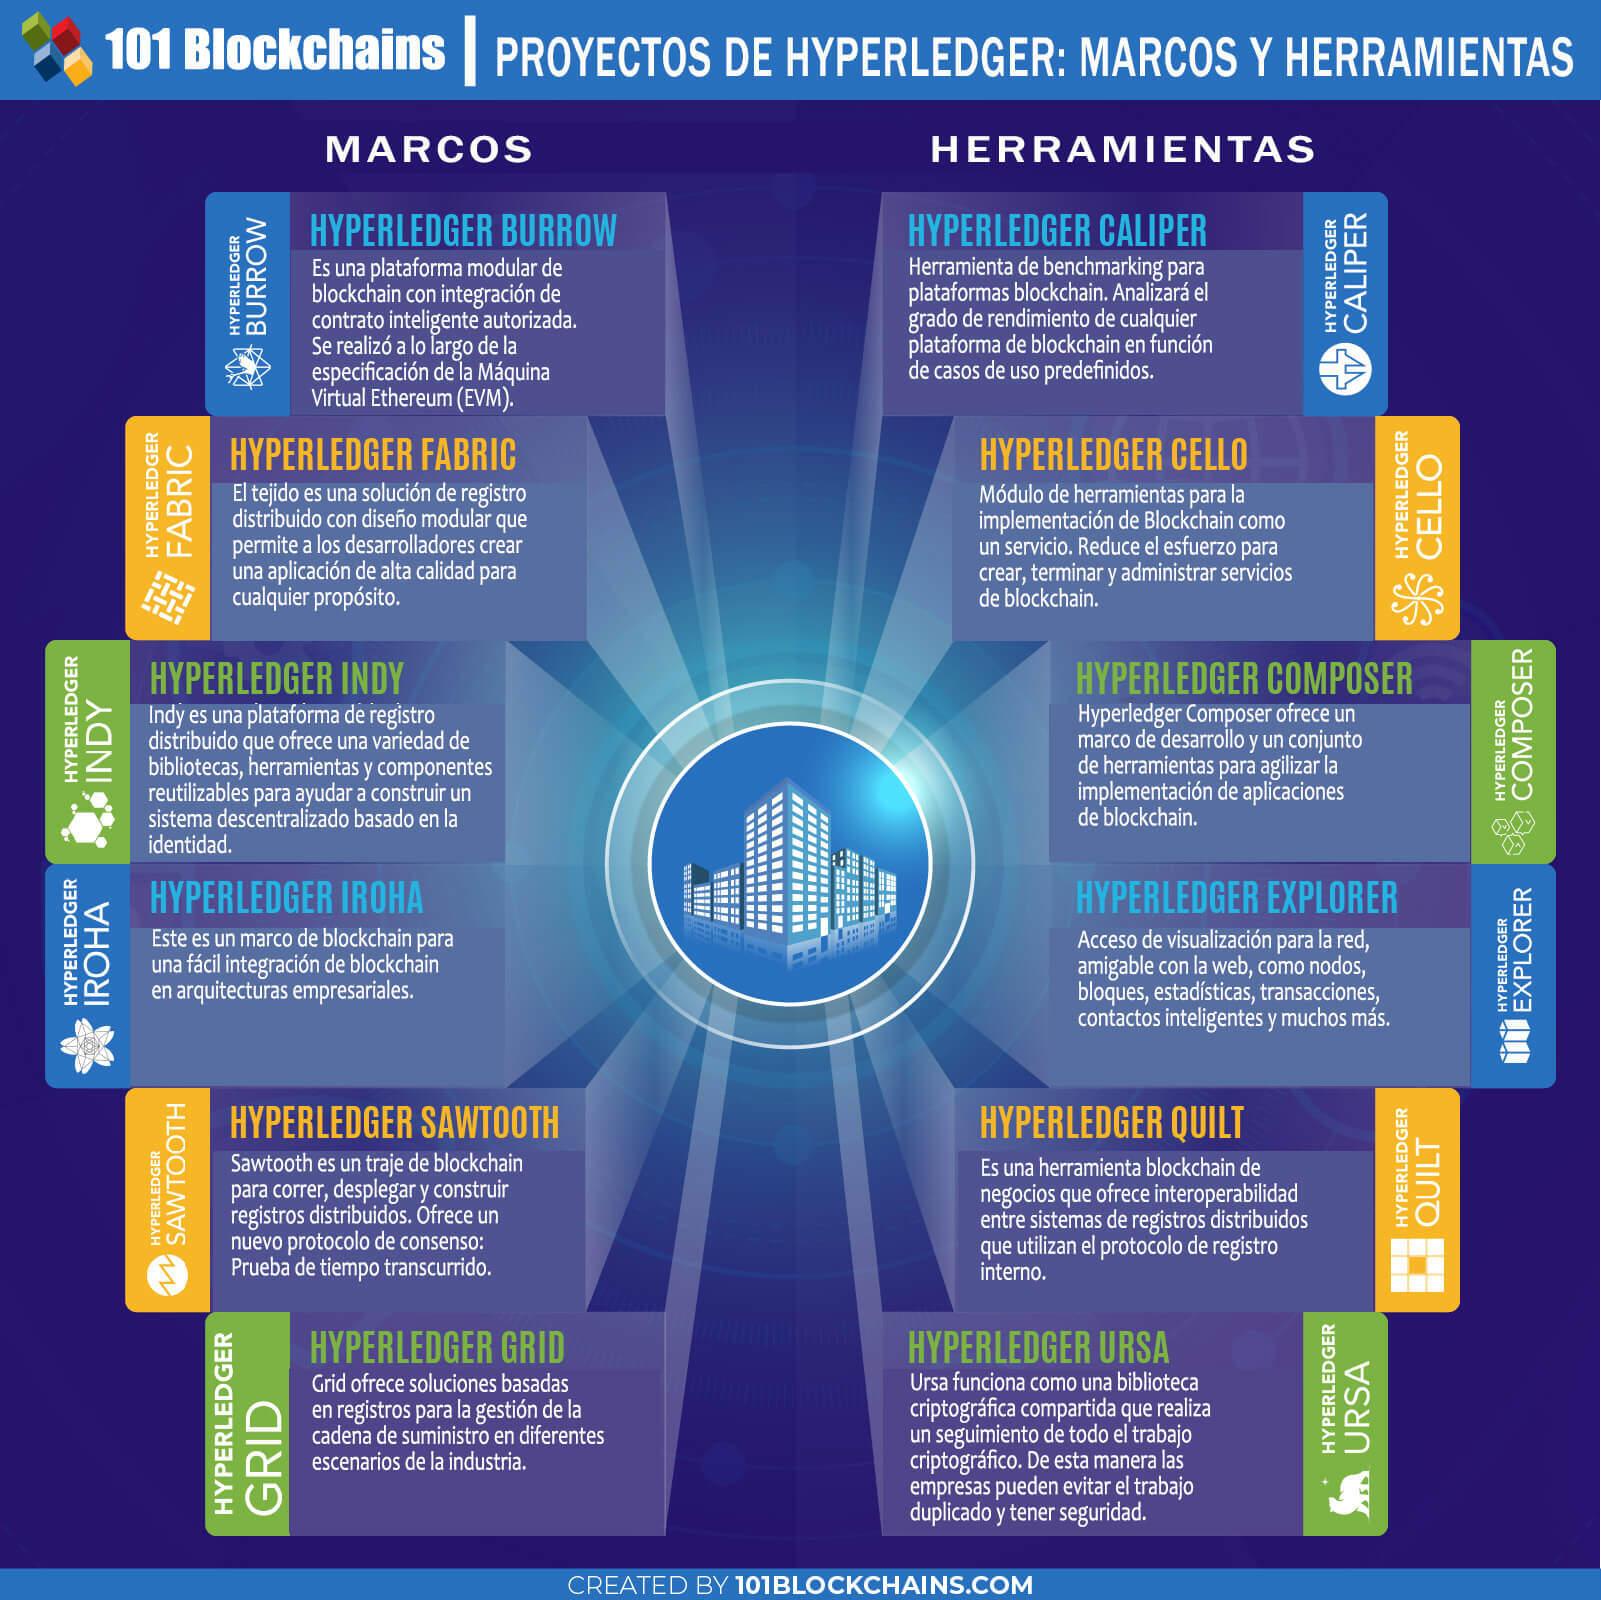 PROYECTOS DE HYPERLEDGER MARCOS Y HERRAMIENTAS